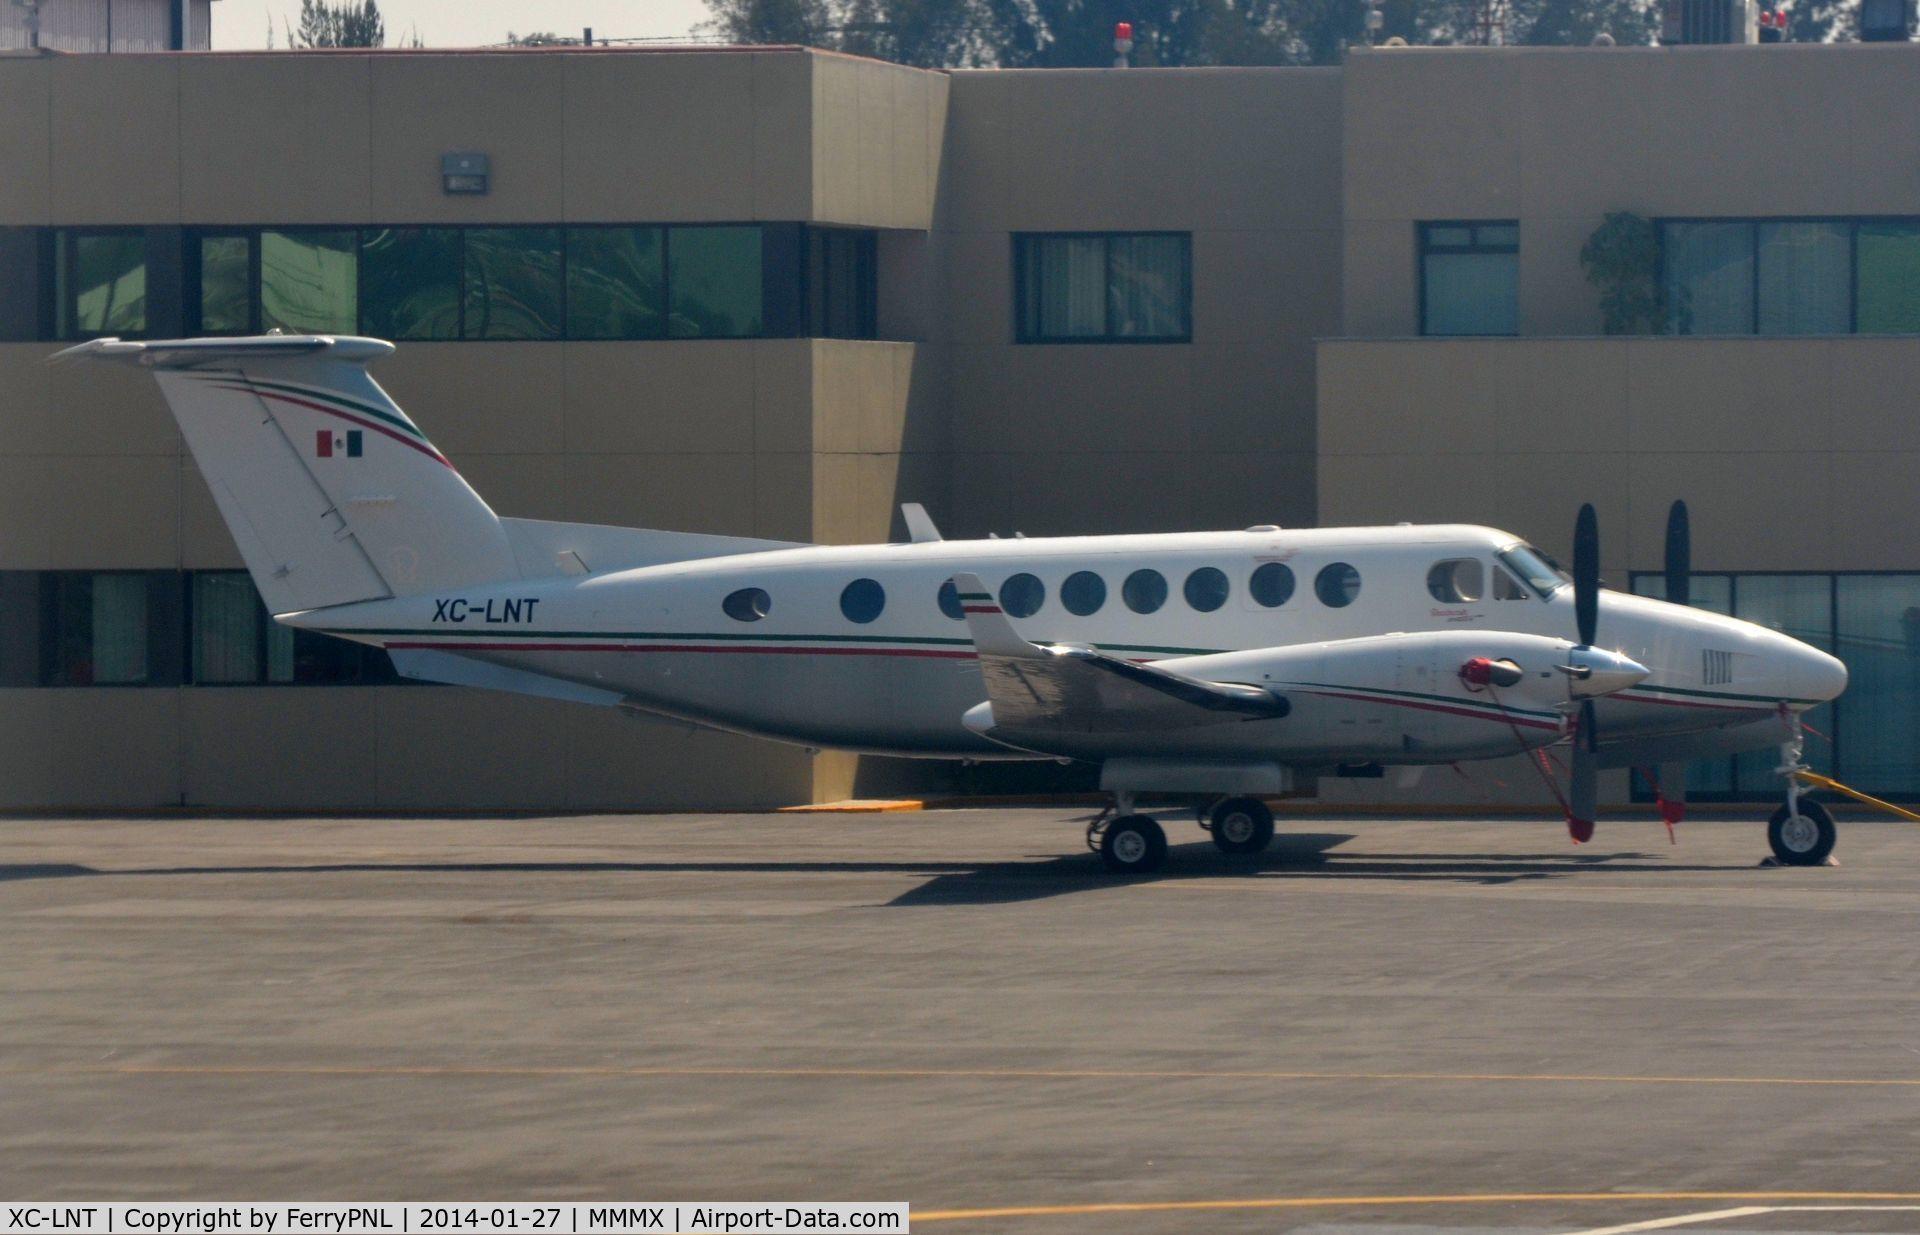 Servicios aéreos de la PGR Noticias, opiniones, fotos, videos - Página 6 979347